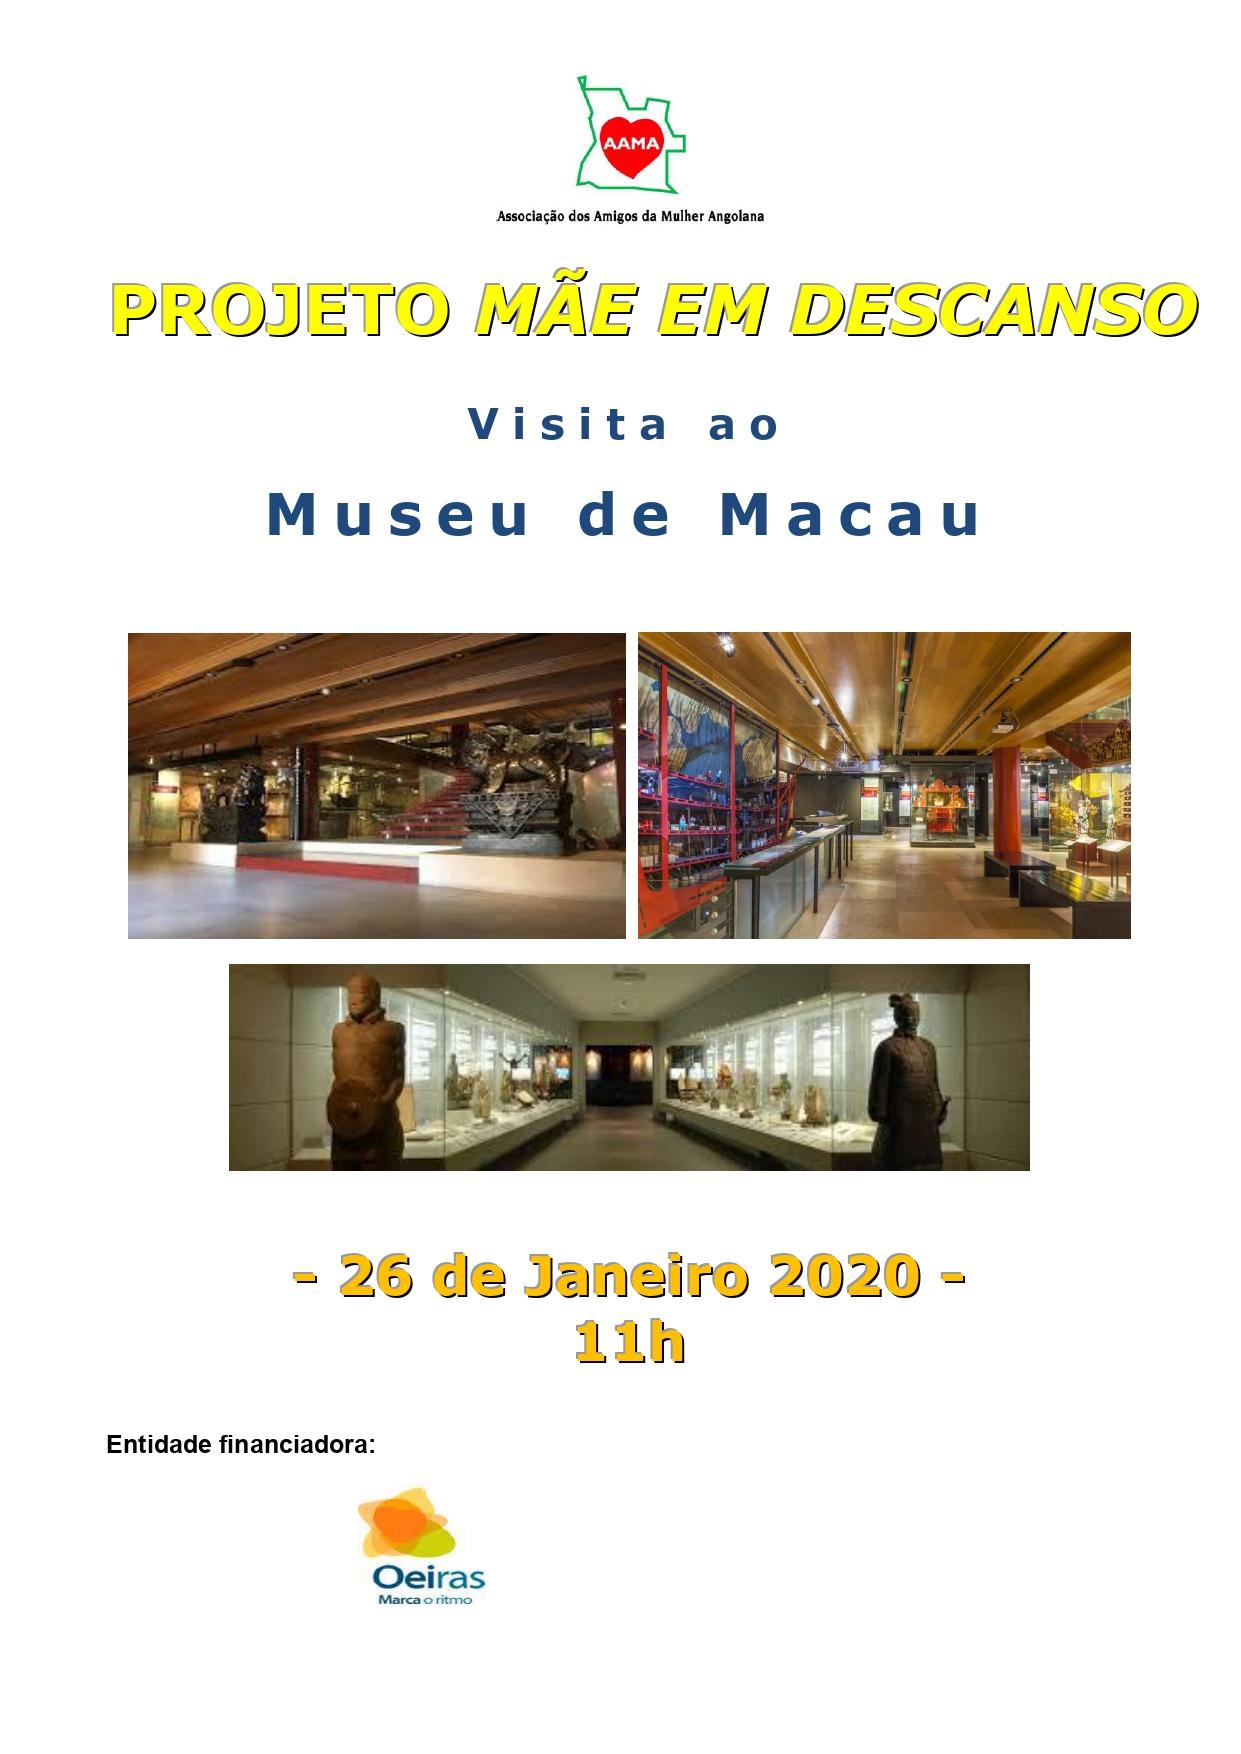 Visita ao Museu de Macau